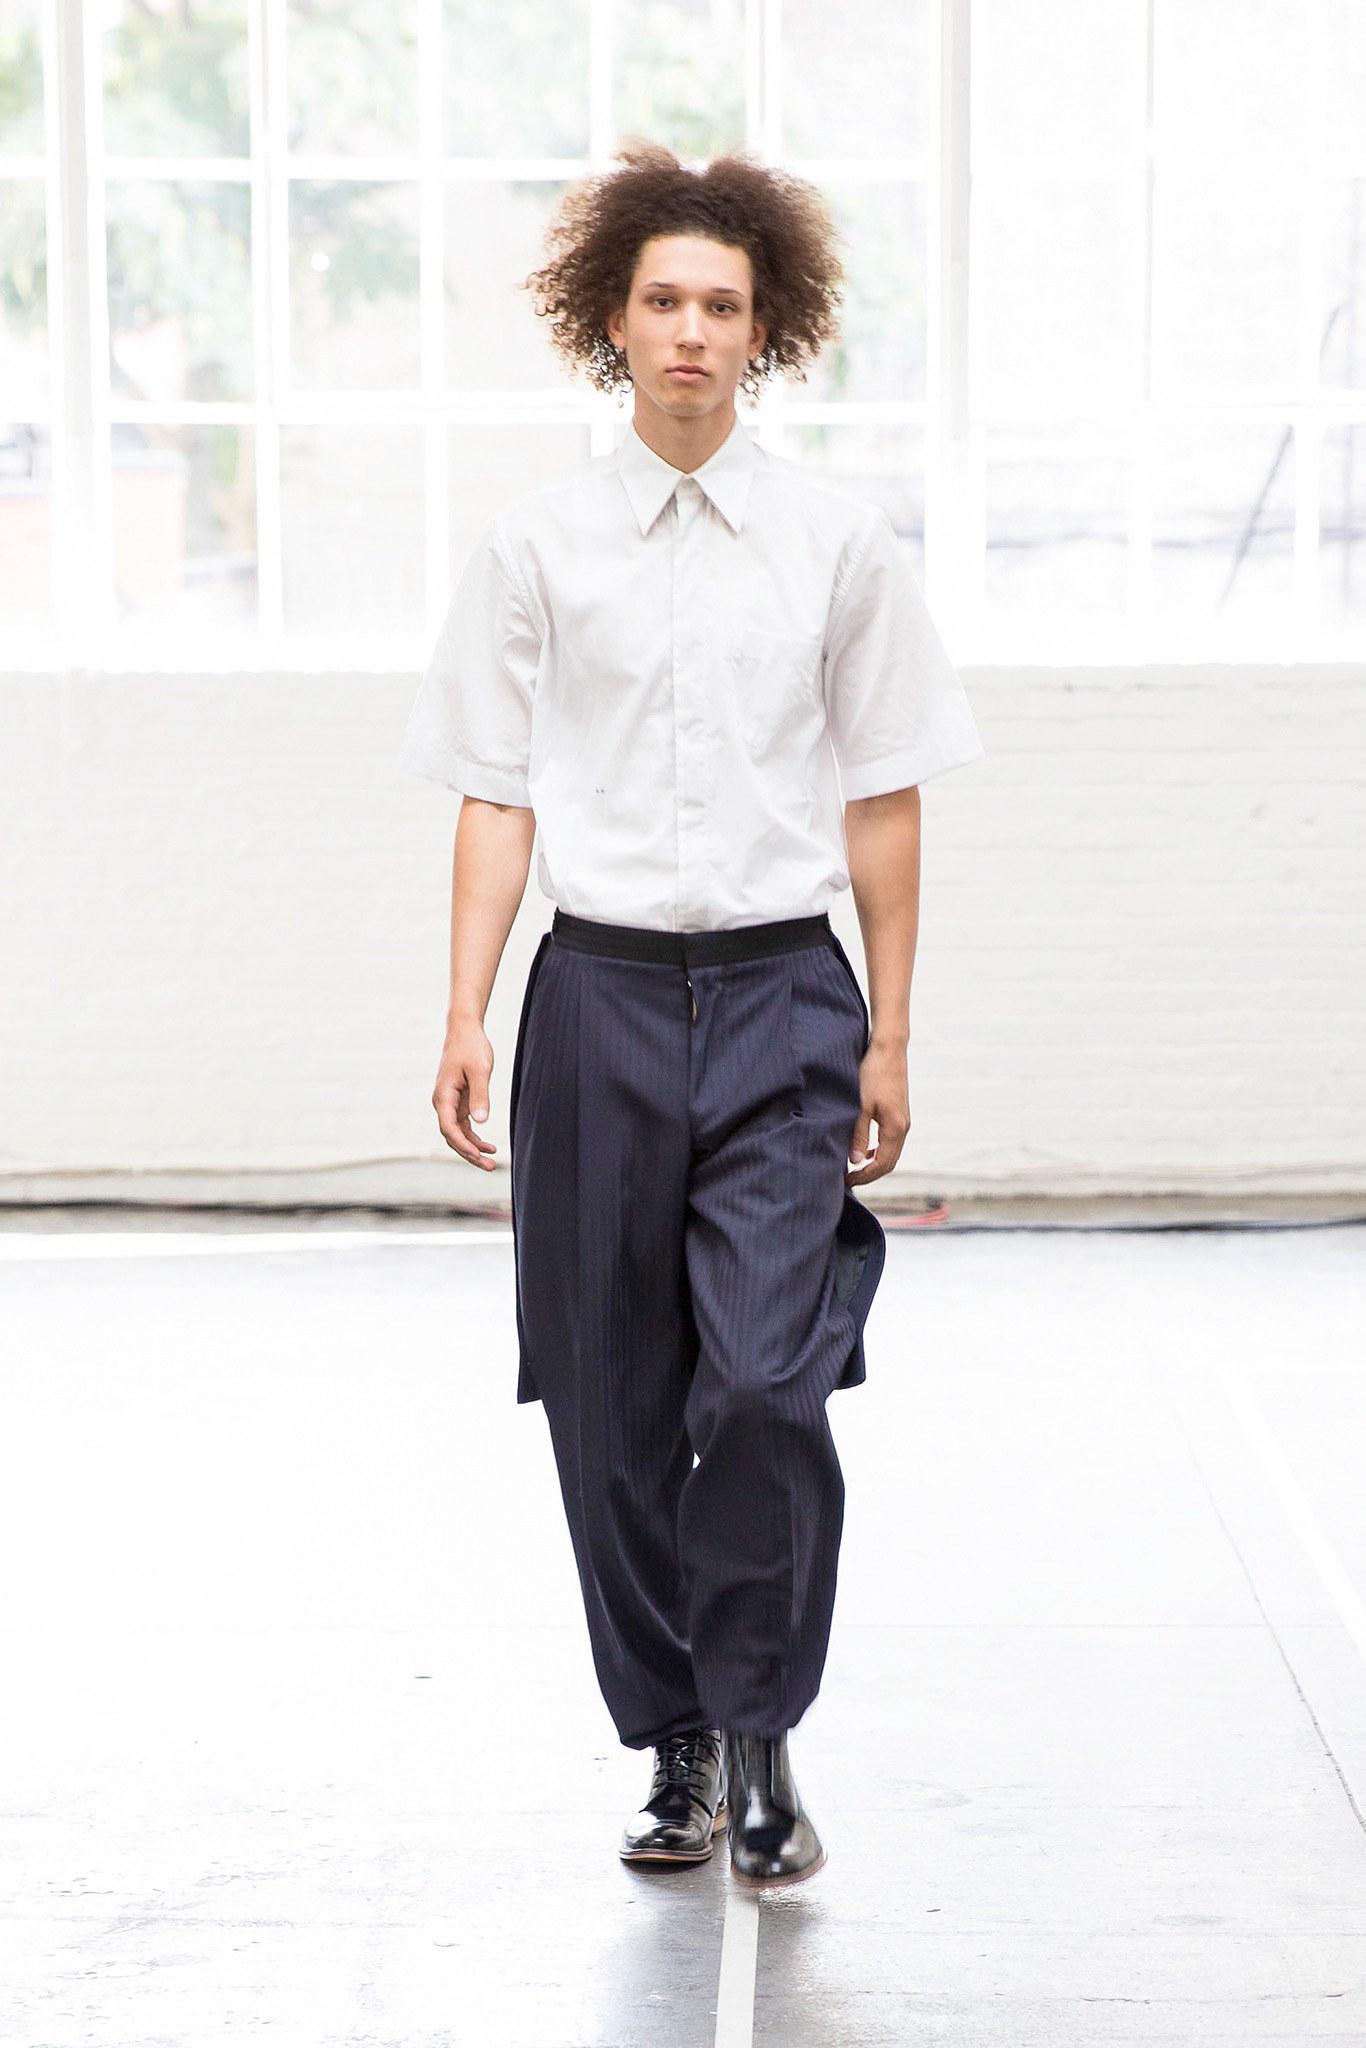 赵博,用服装诠释经典与现代